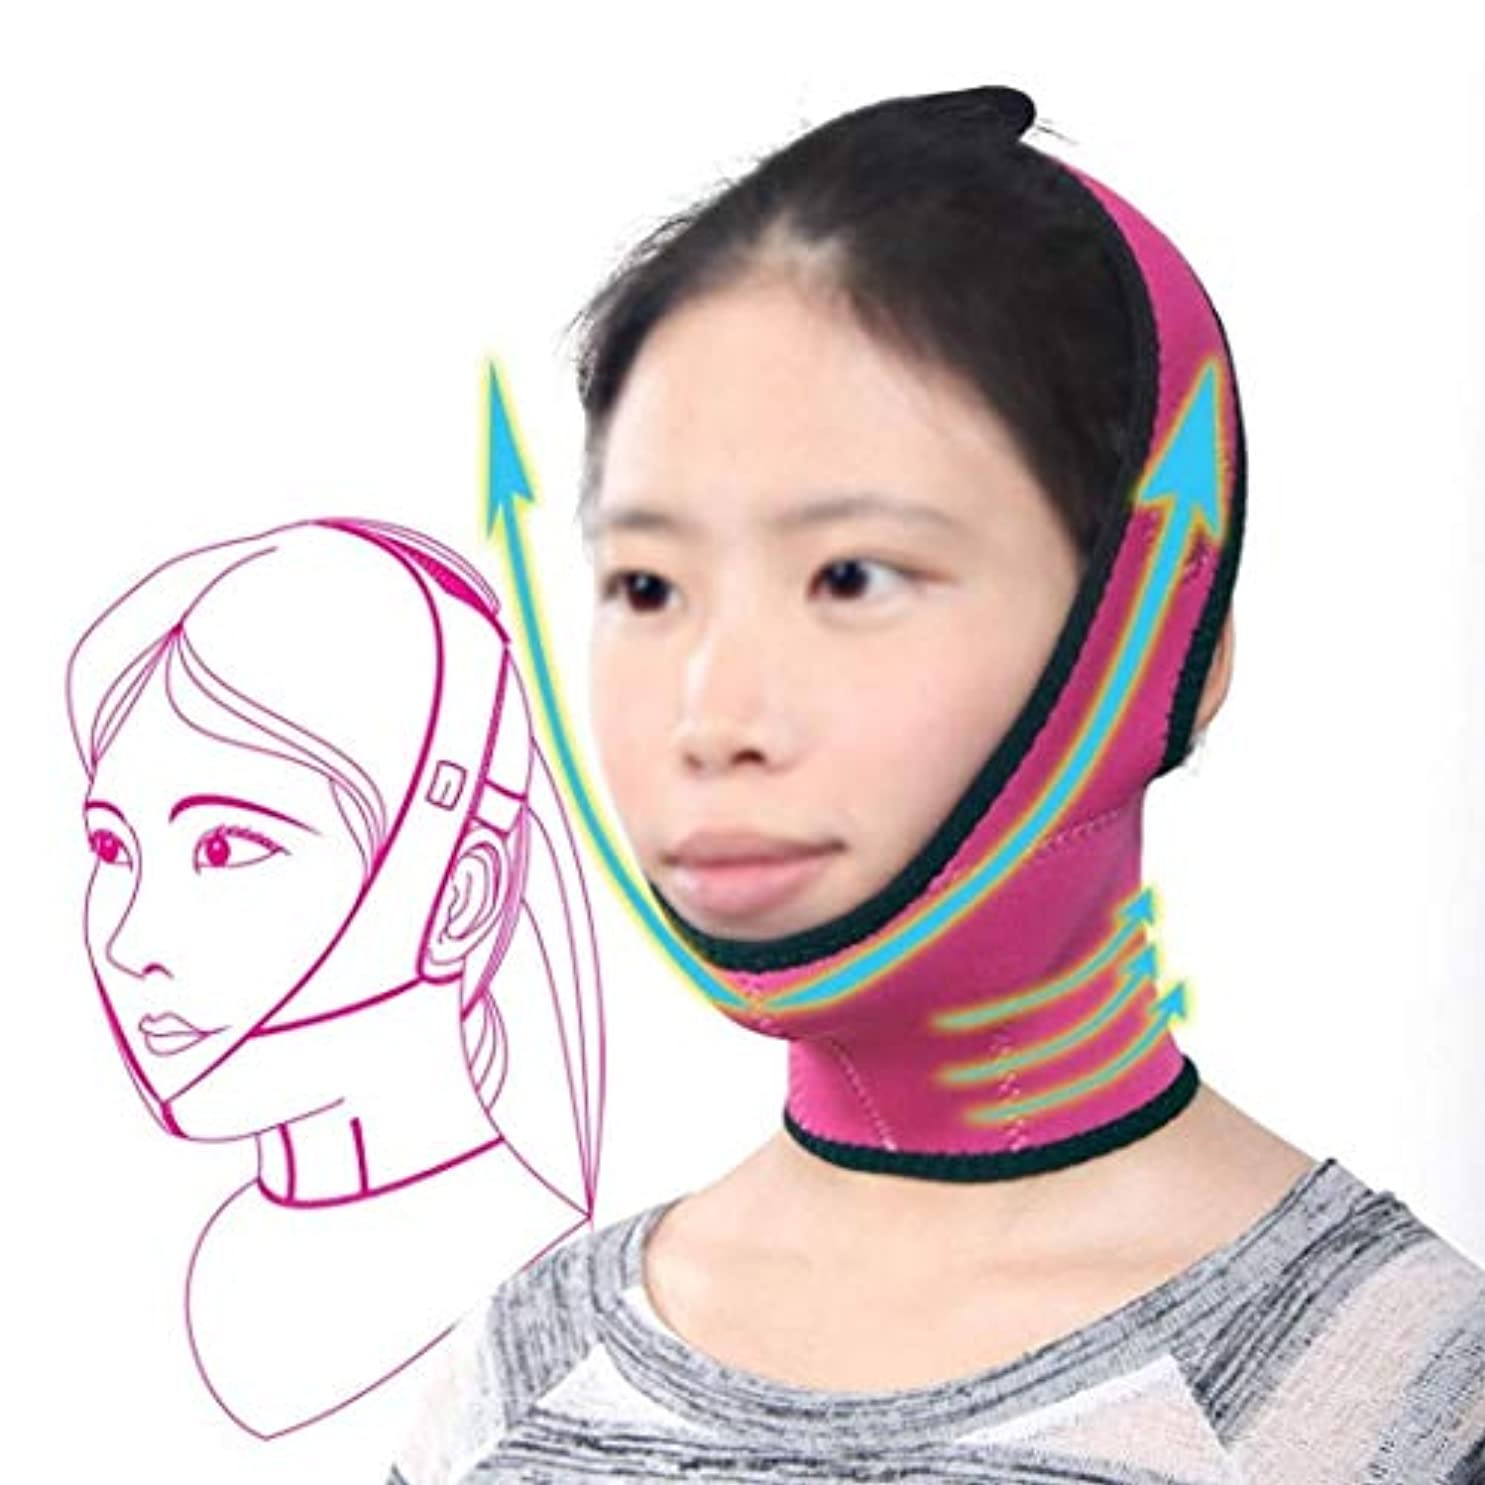 難しい叫び声包帯フェイスリフトマスク、スリミングベルトフェイスマスク強力なリフティング小さなV顔薄い顔包帯美容美容リフティング顔小さな顔薄いフェイスマスク